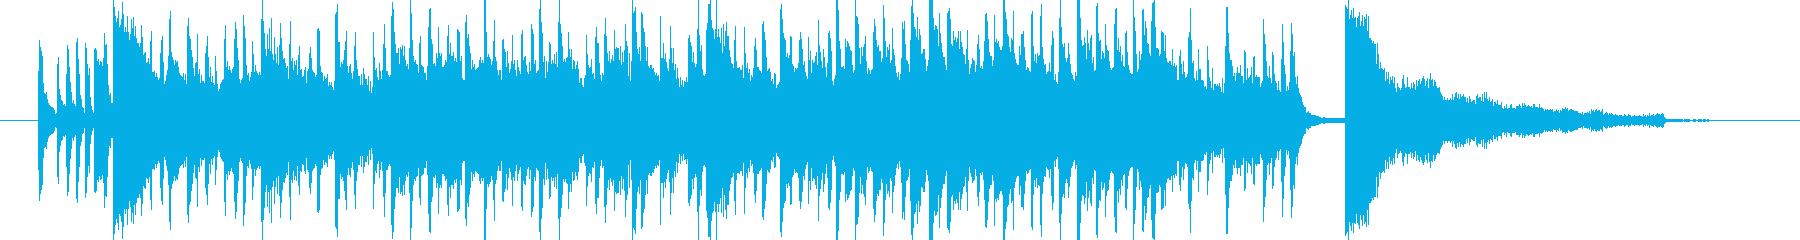 夏っぽい陽気なサウンドロゴの再生済みの波形